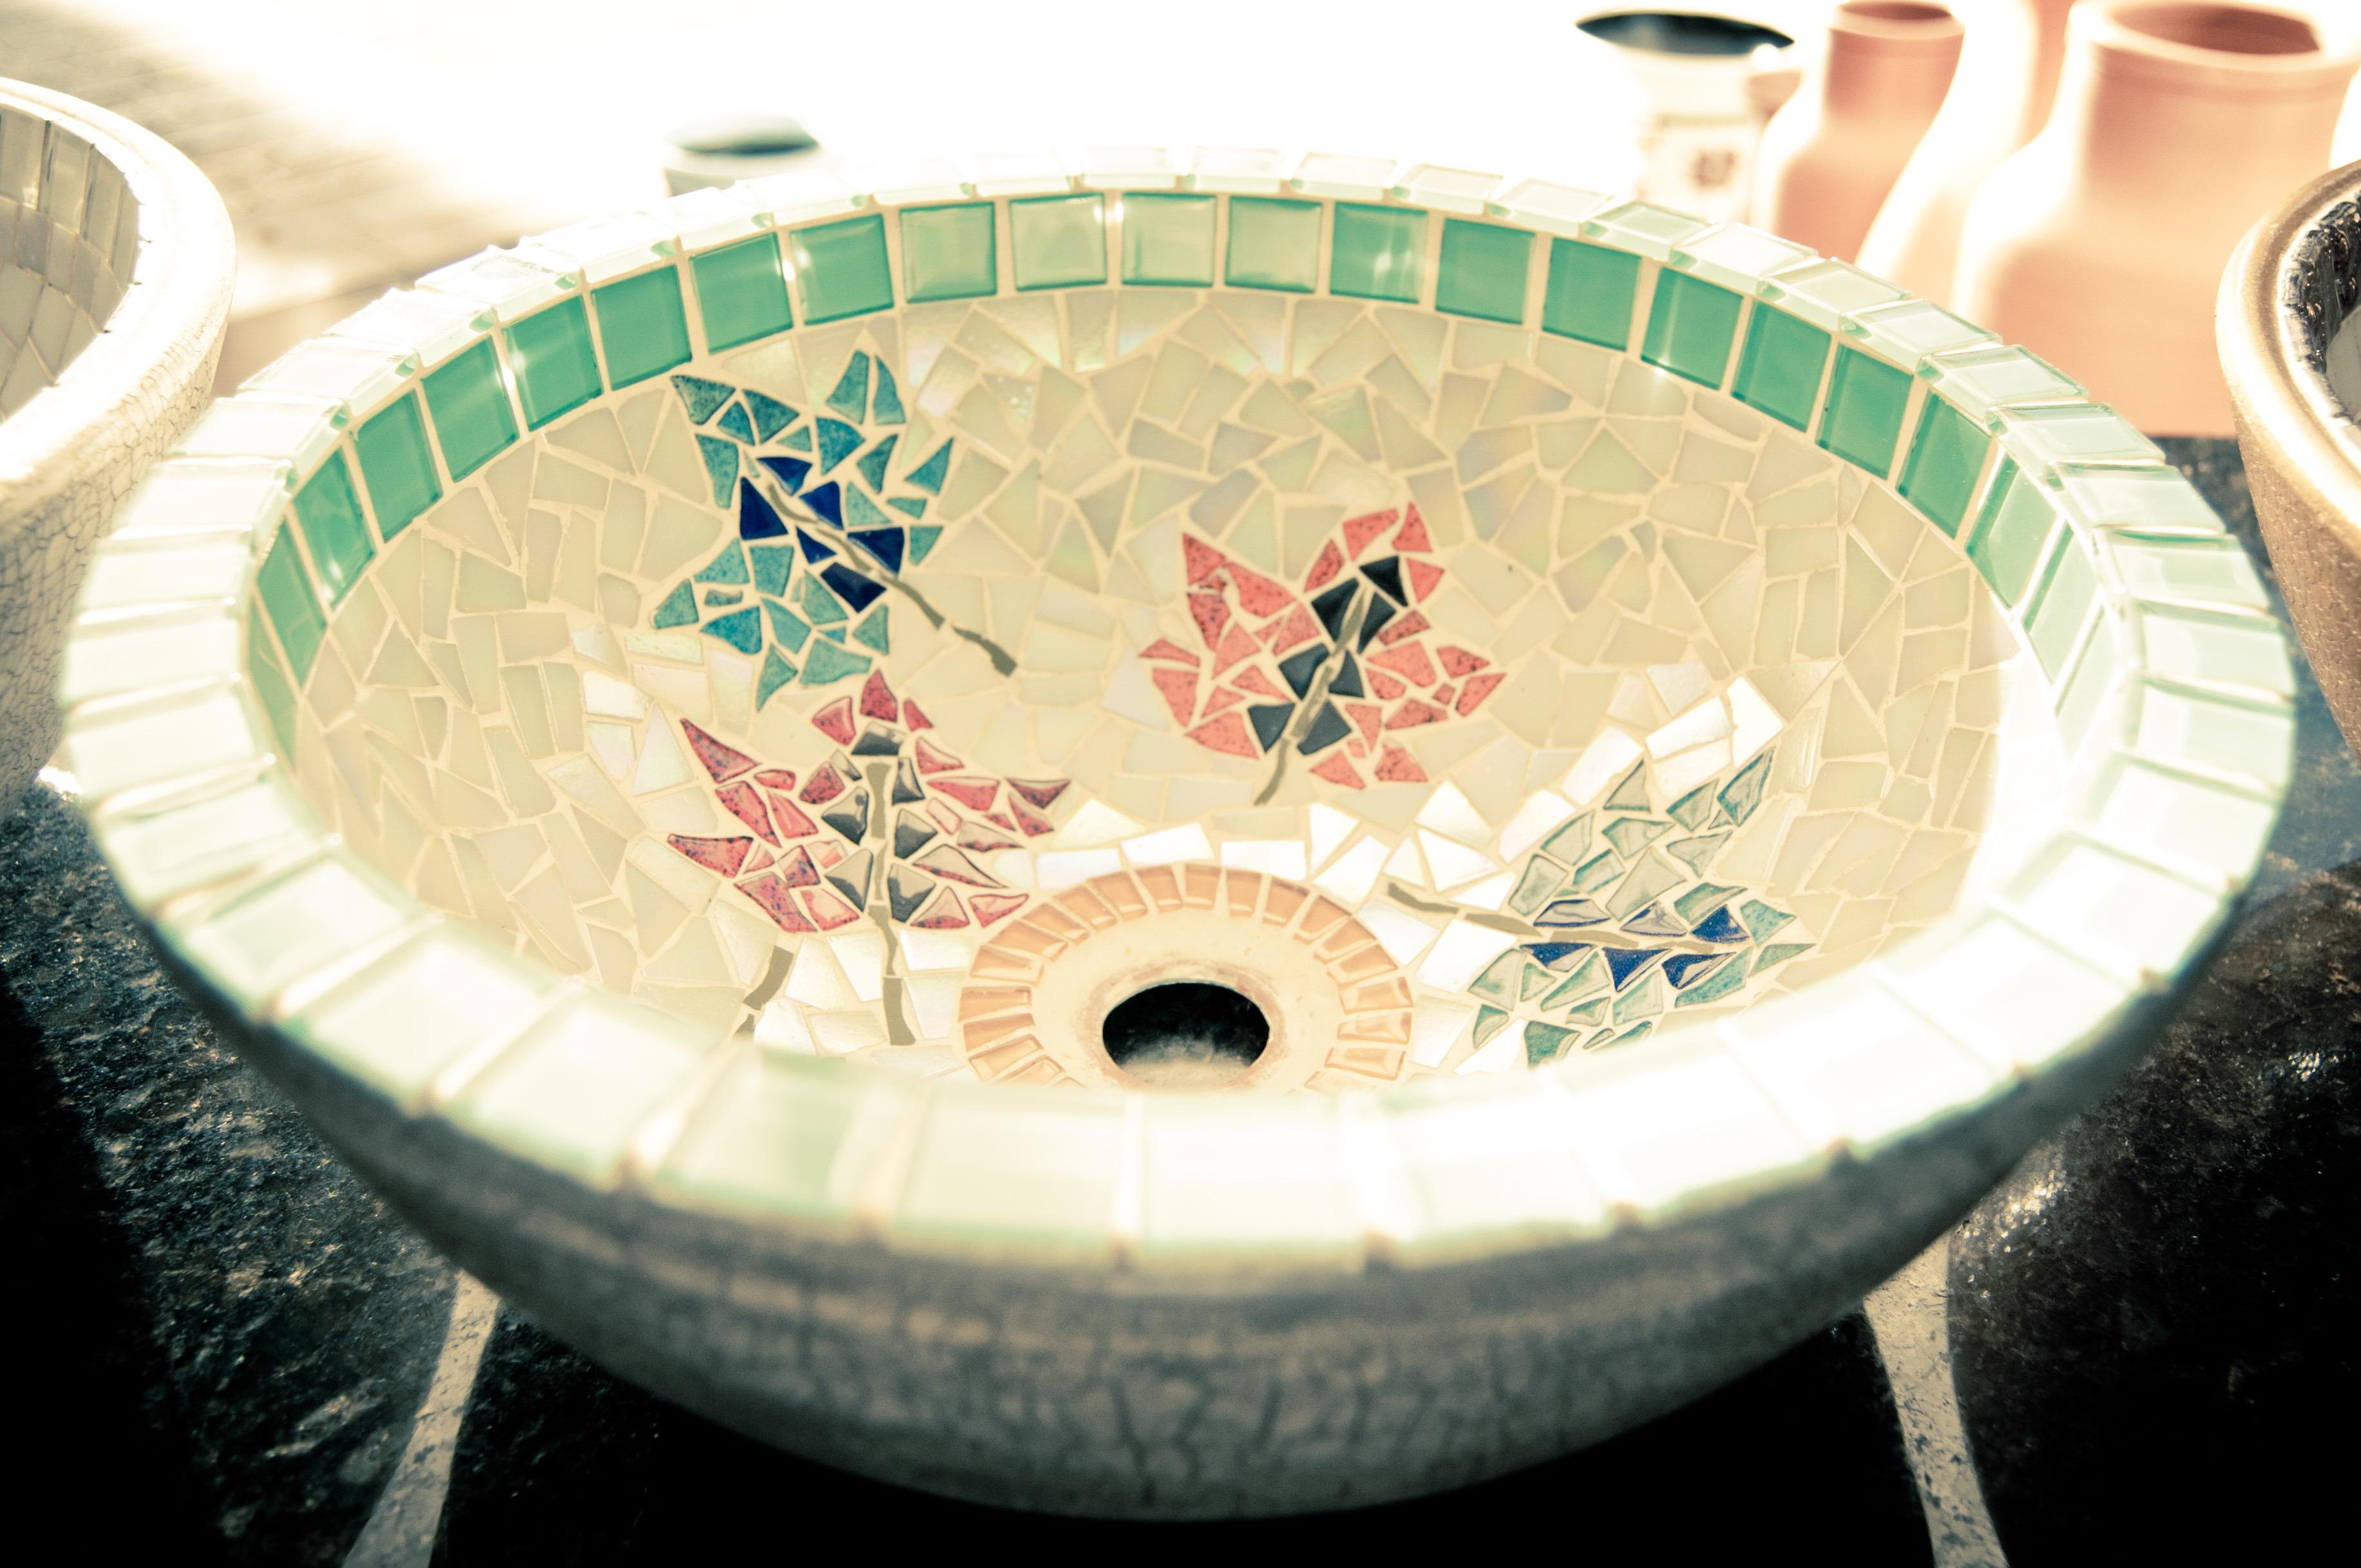 CUBA PARA LAVABO BANHEIROS Ateliê de Mosaico Ronaldo Finotti  #174169 3665x2434 Banheiro De Jardim